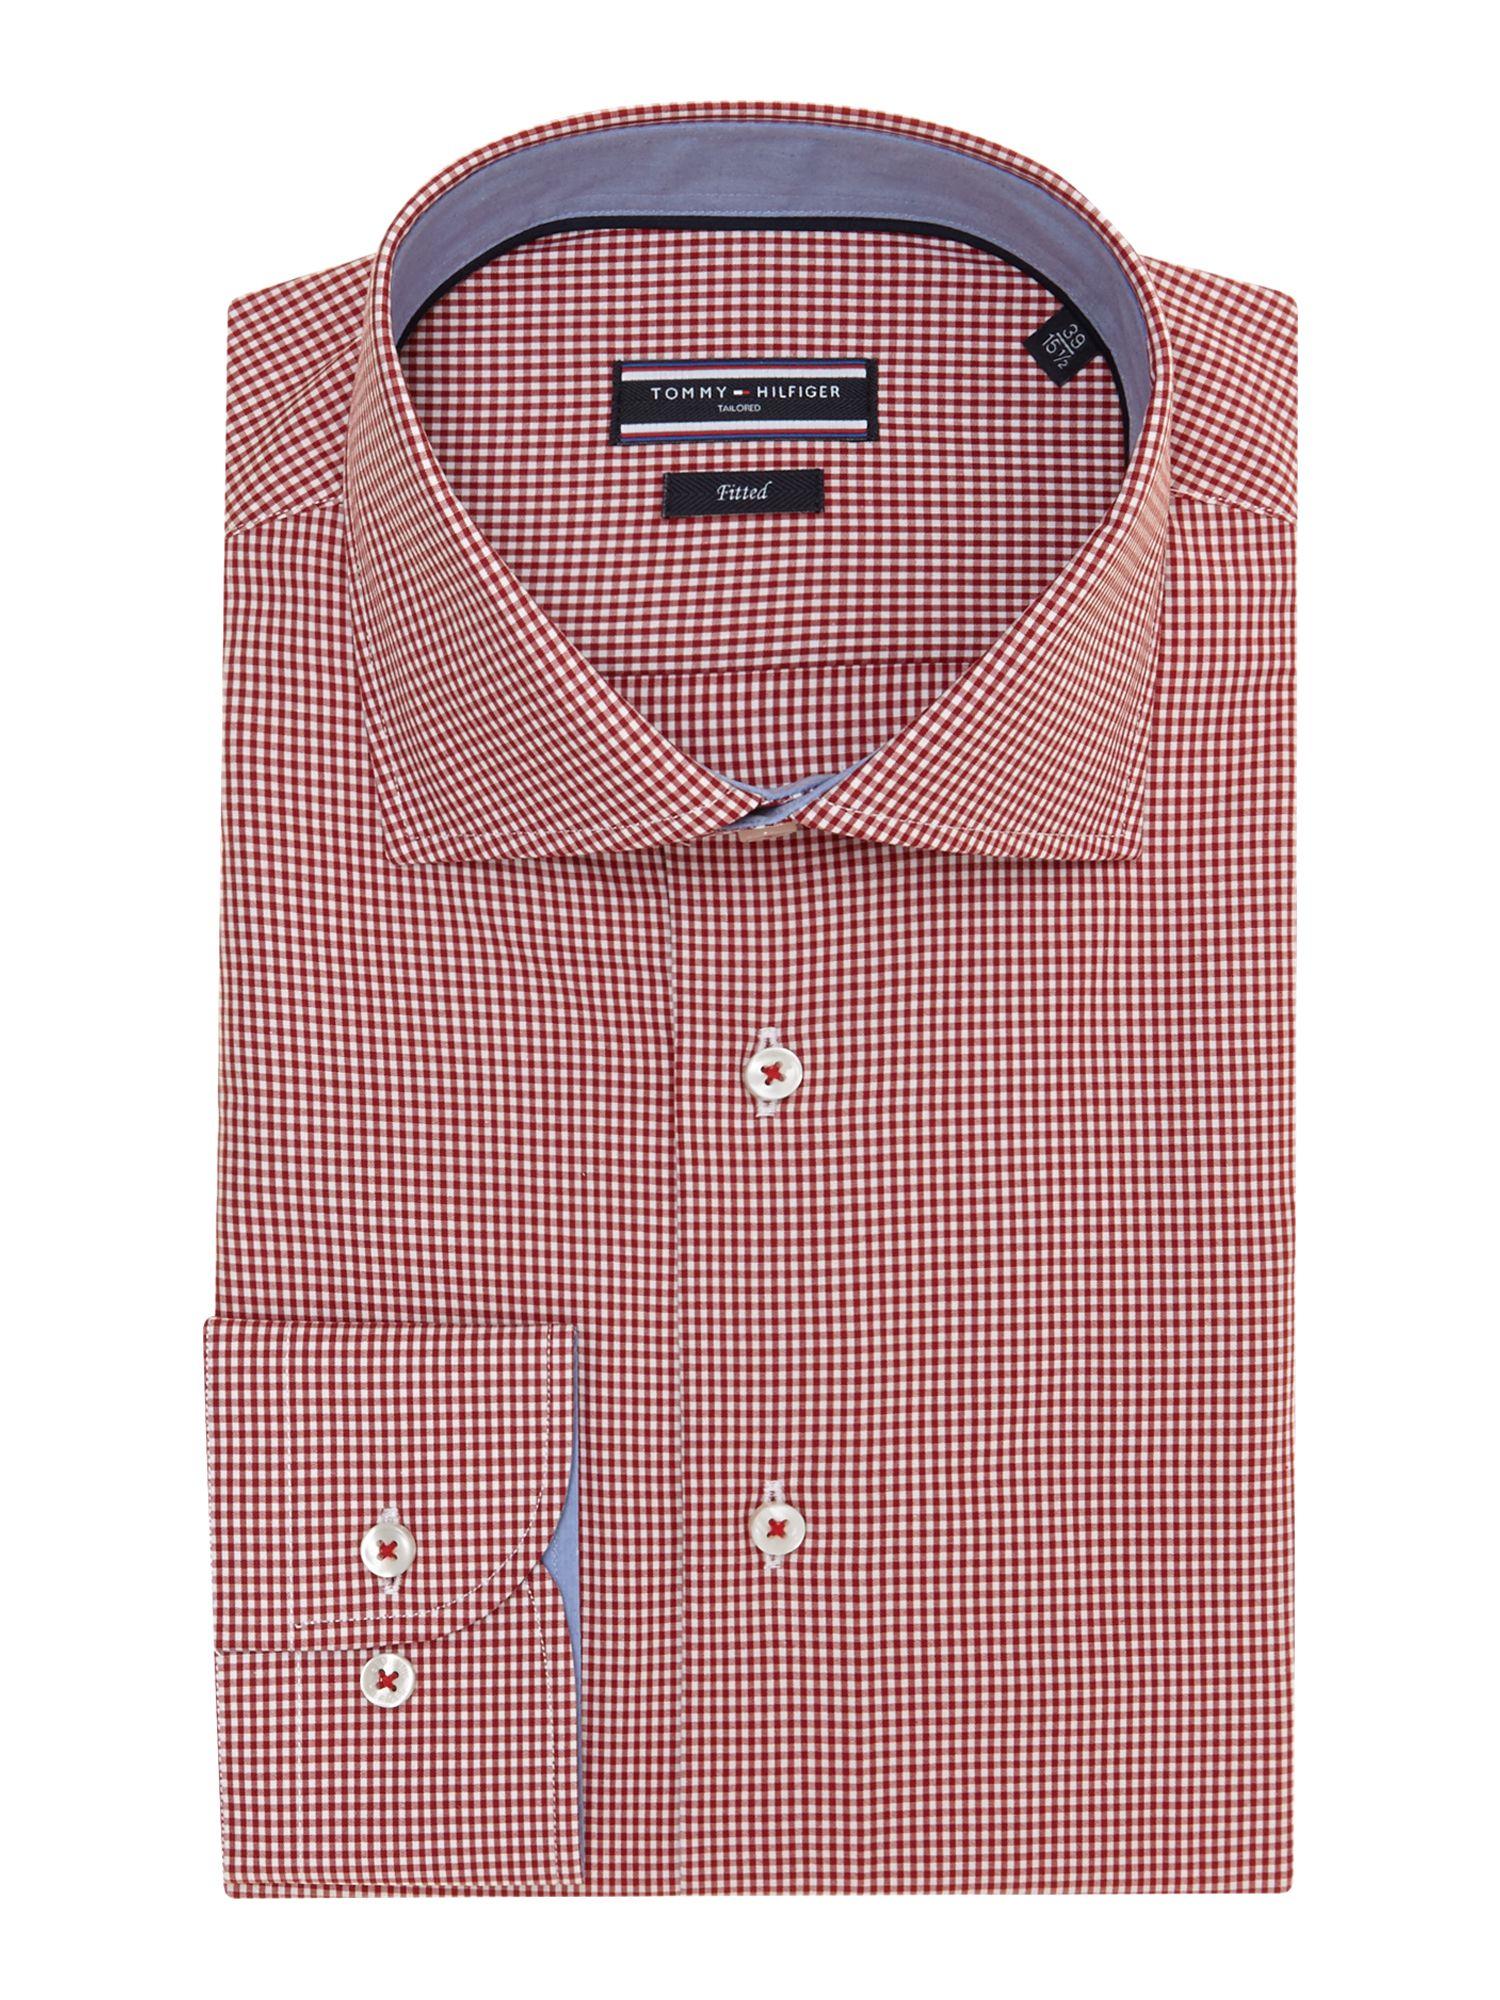 Tommy hilfiger gingham regular fit shirt in red for men lyst for Tommy hilfiger gingham dress shirt